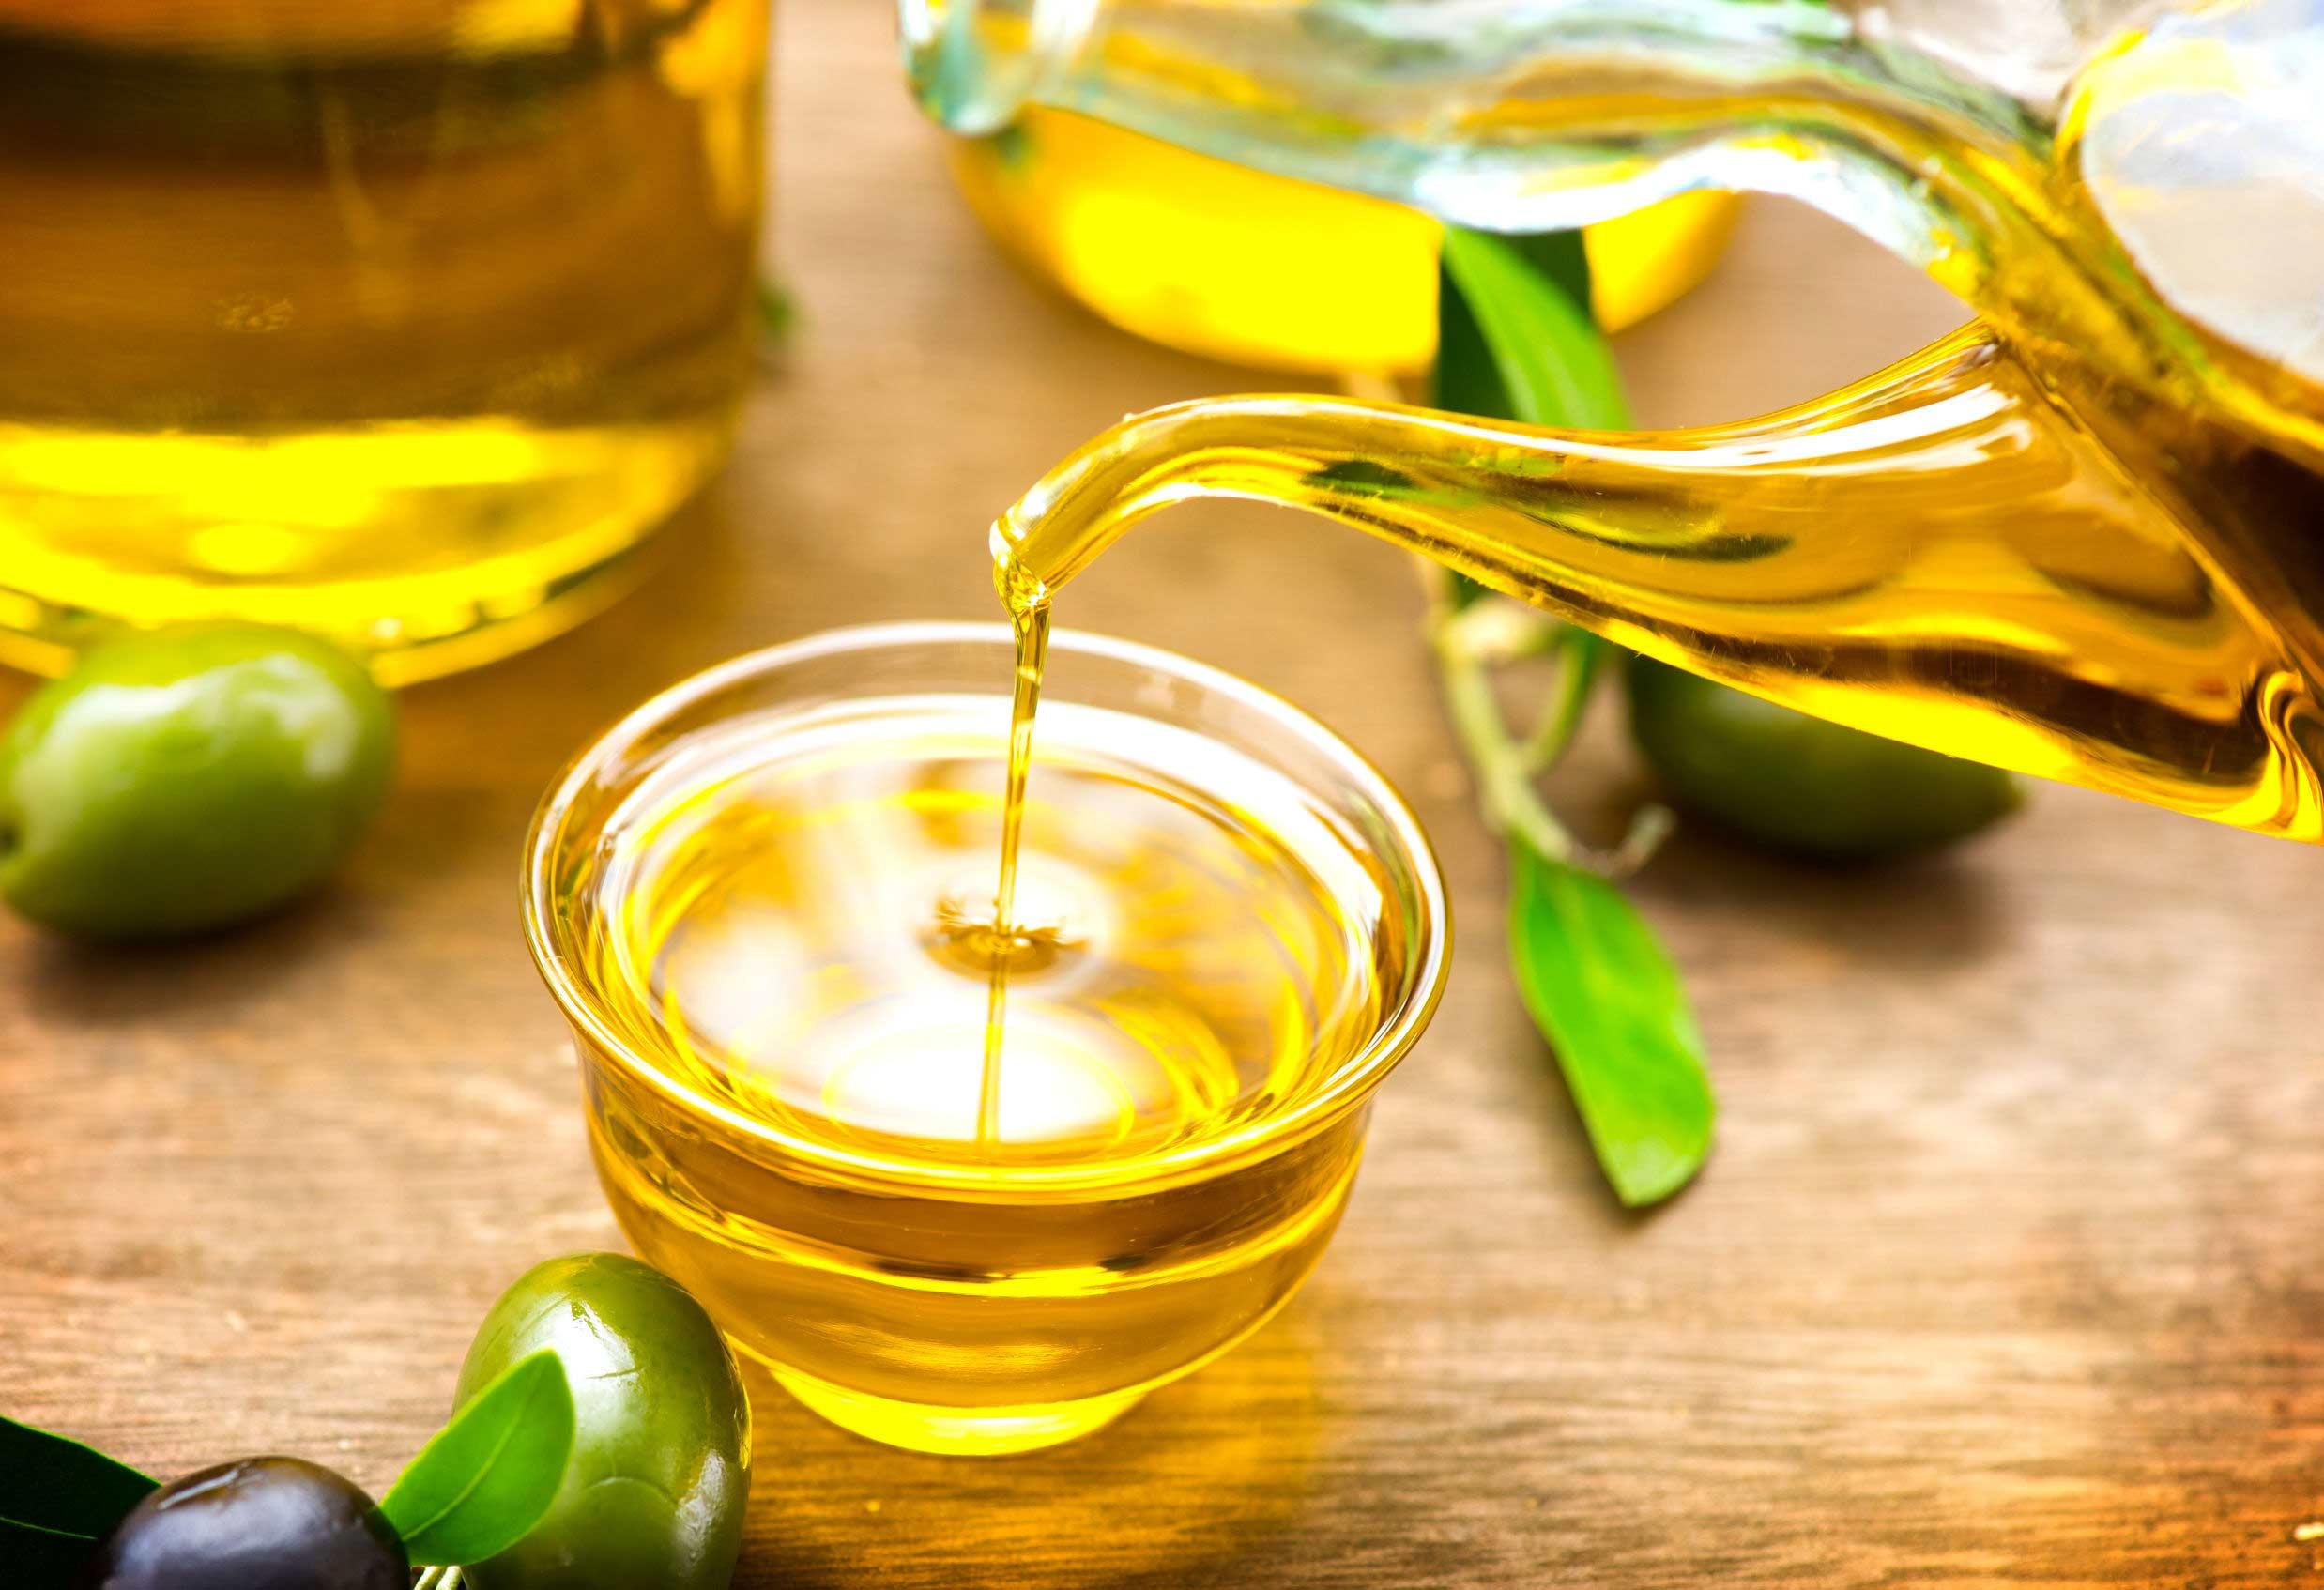 Идеальные средства для похудения из мёда и лимона: лучшие рецепты